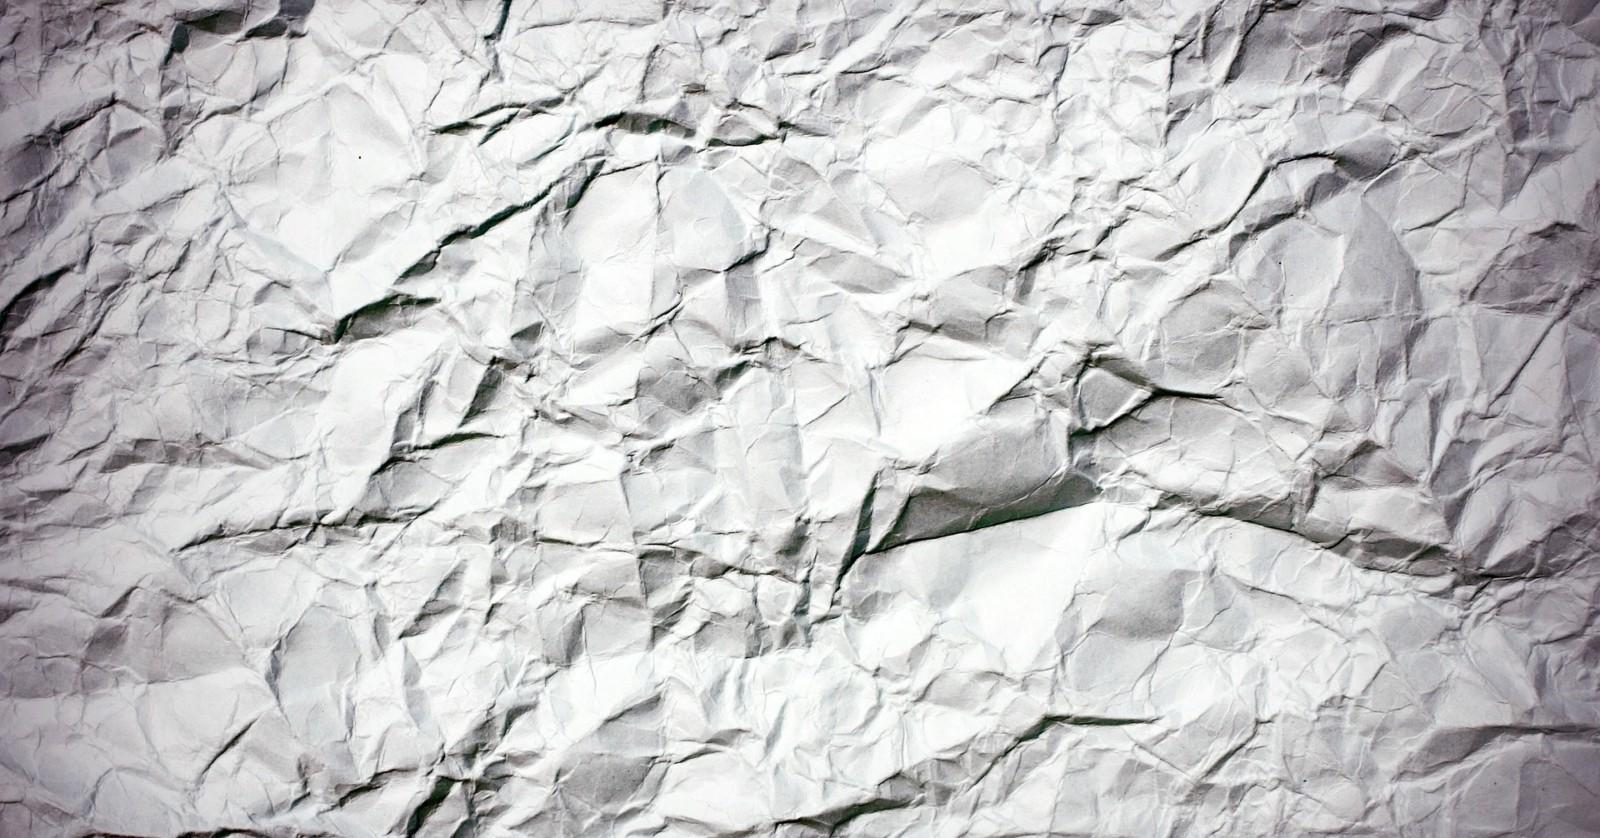 """{:de}Der """"unterdrückte erste Report"""" des NHMRC - Quelle von """"Ermutigender Evidenz""""?{:}{:en}The """"Suppressed First Report"""" of the NHMRC - Source of """"Encouraging Evidence""""?{:}"""